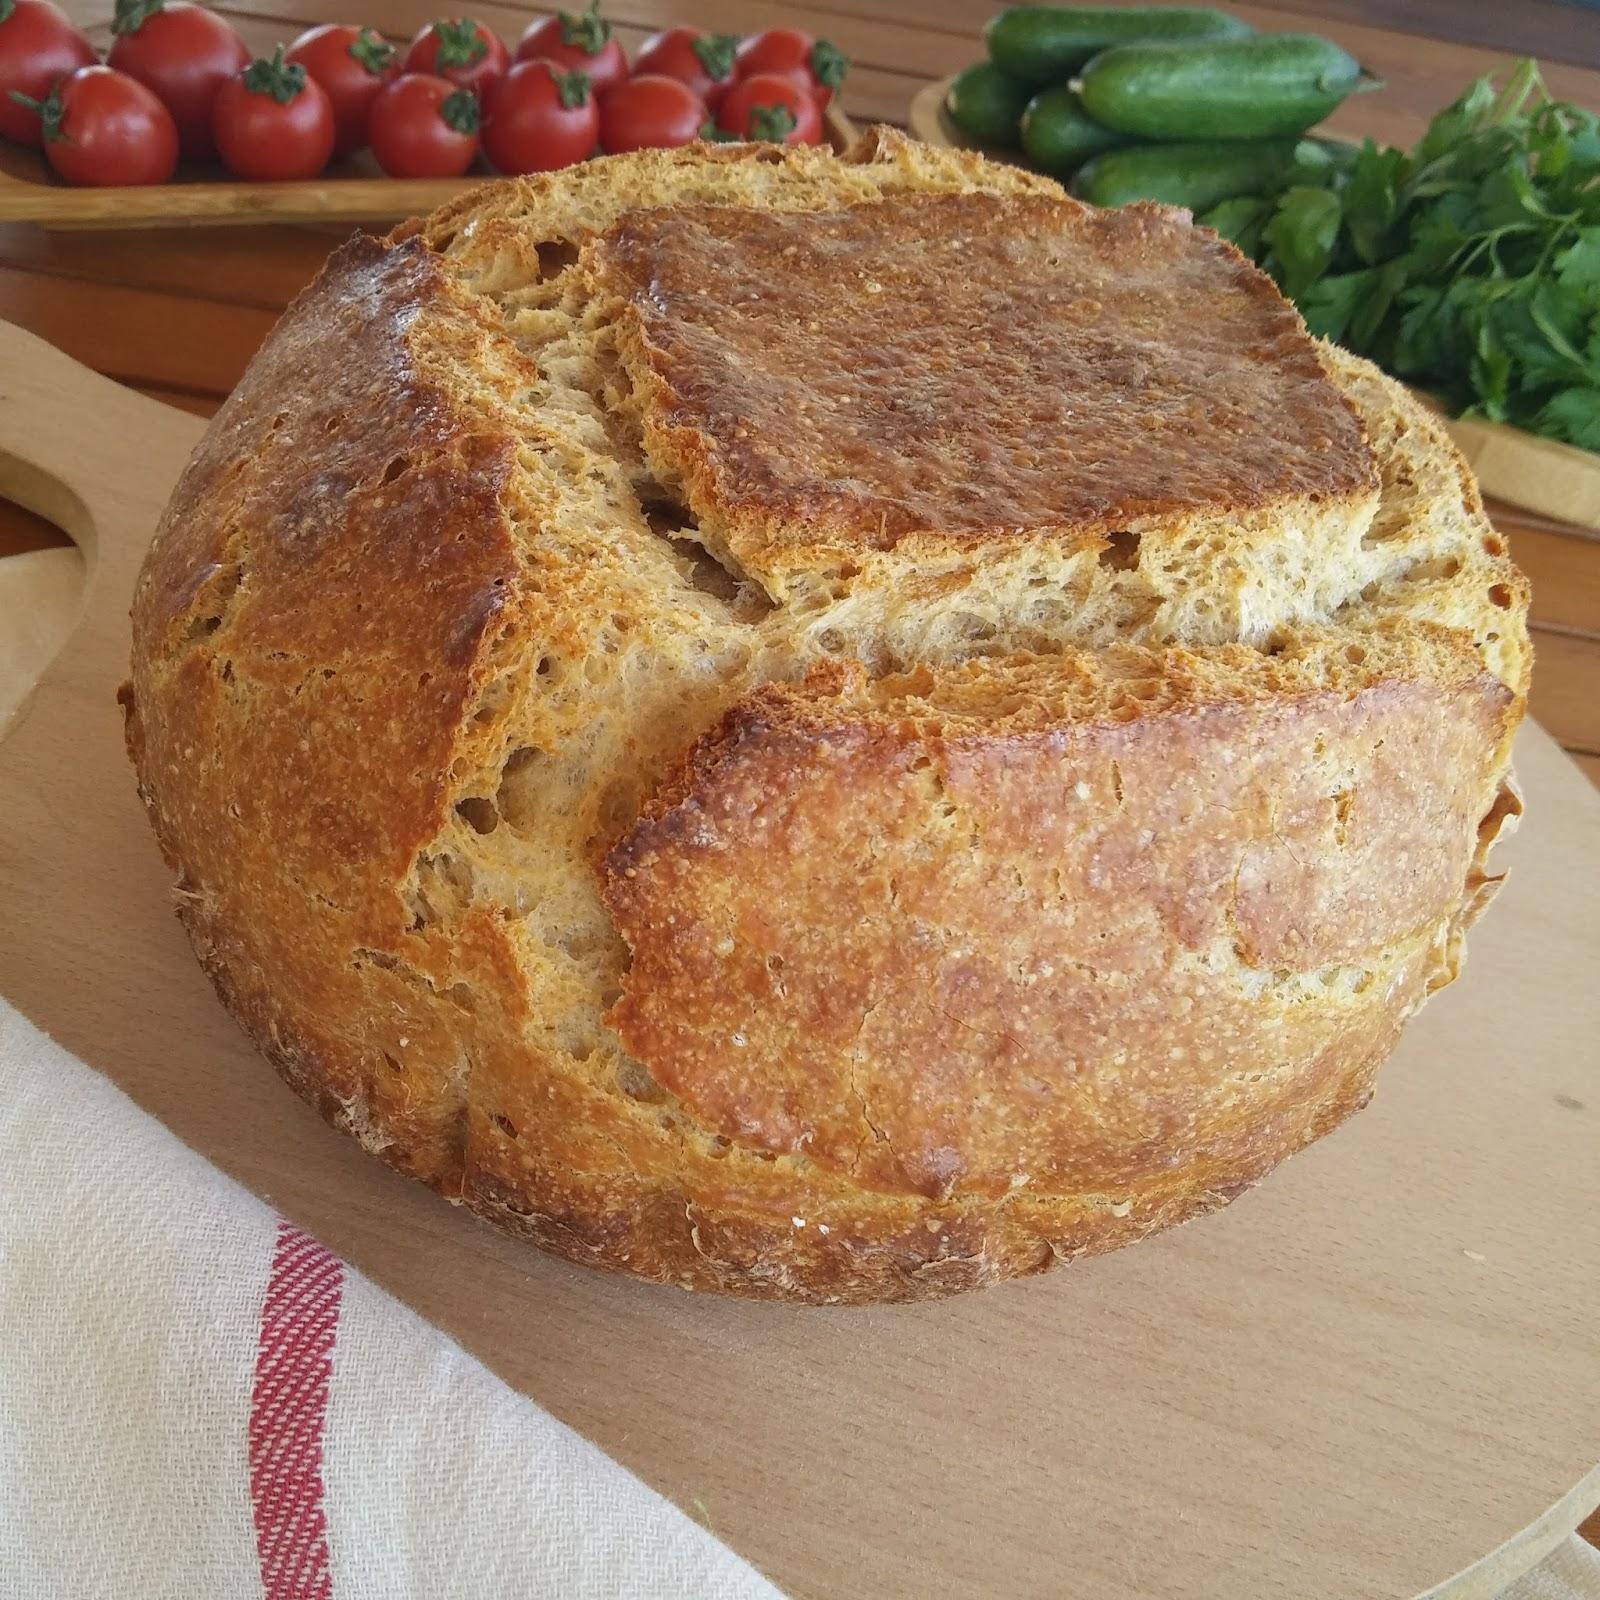 Ekmek Yapma Makinasında Ekşi Mayalı Ekmek